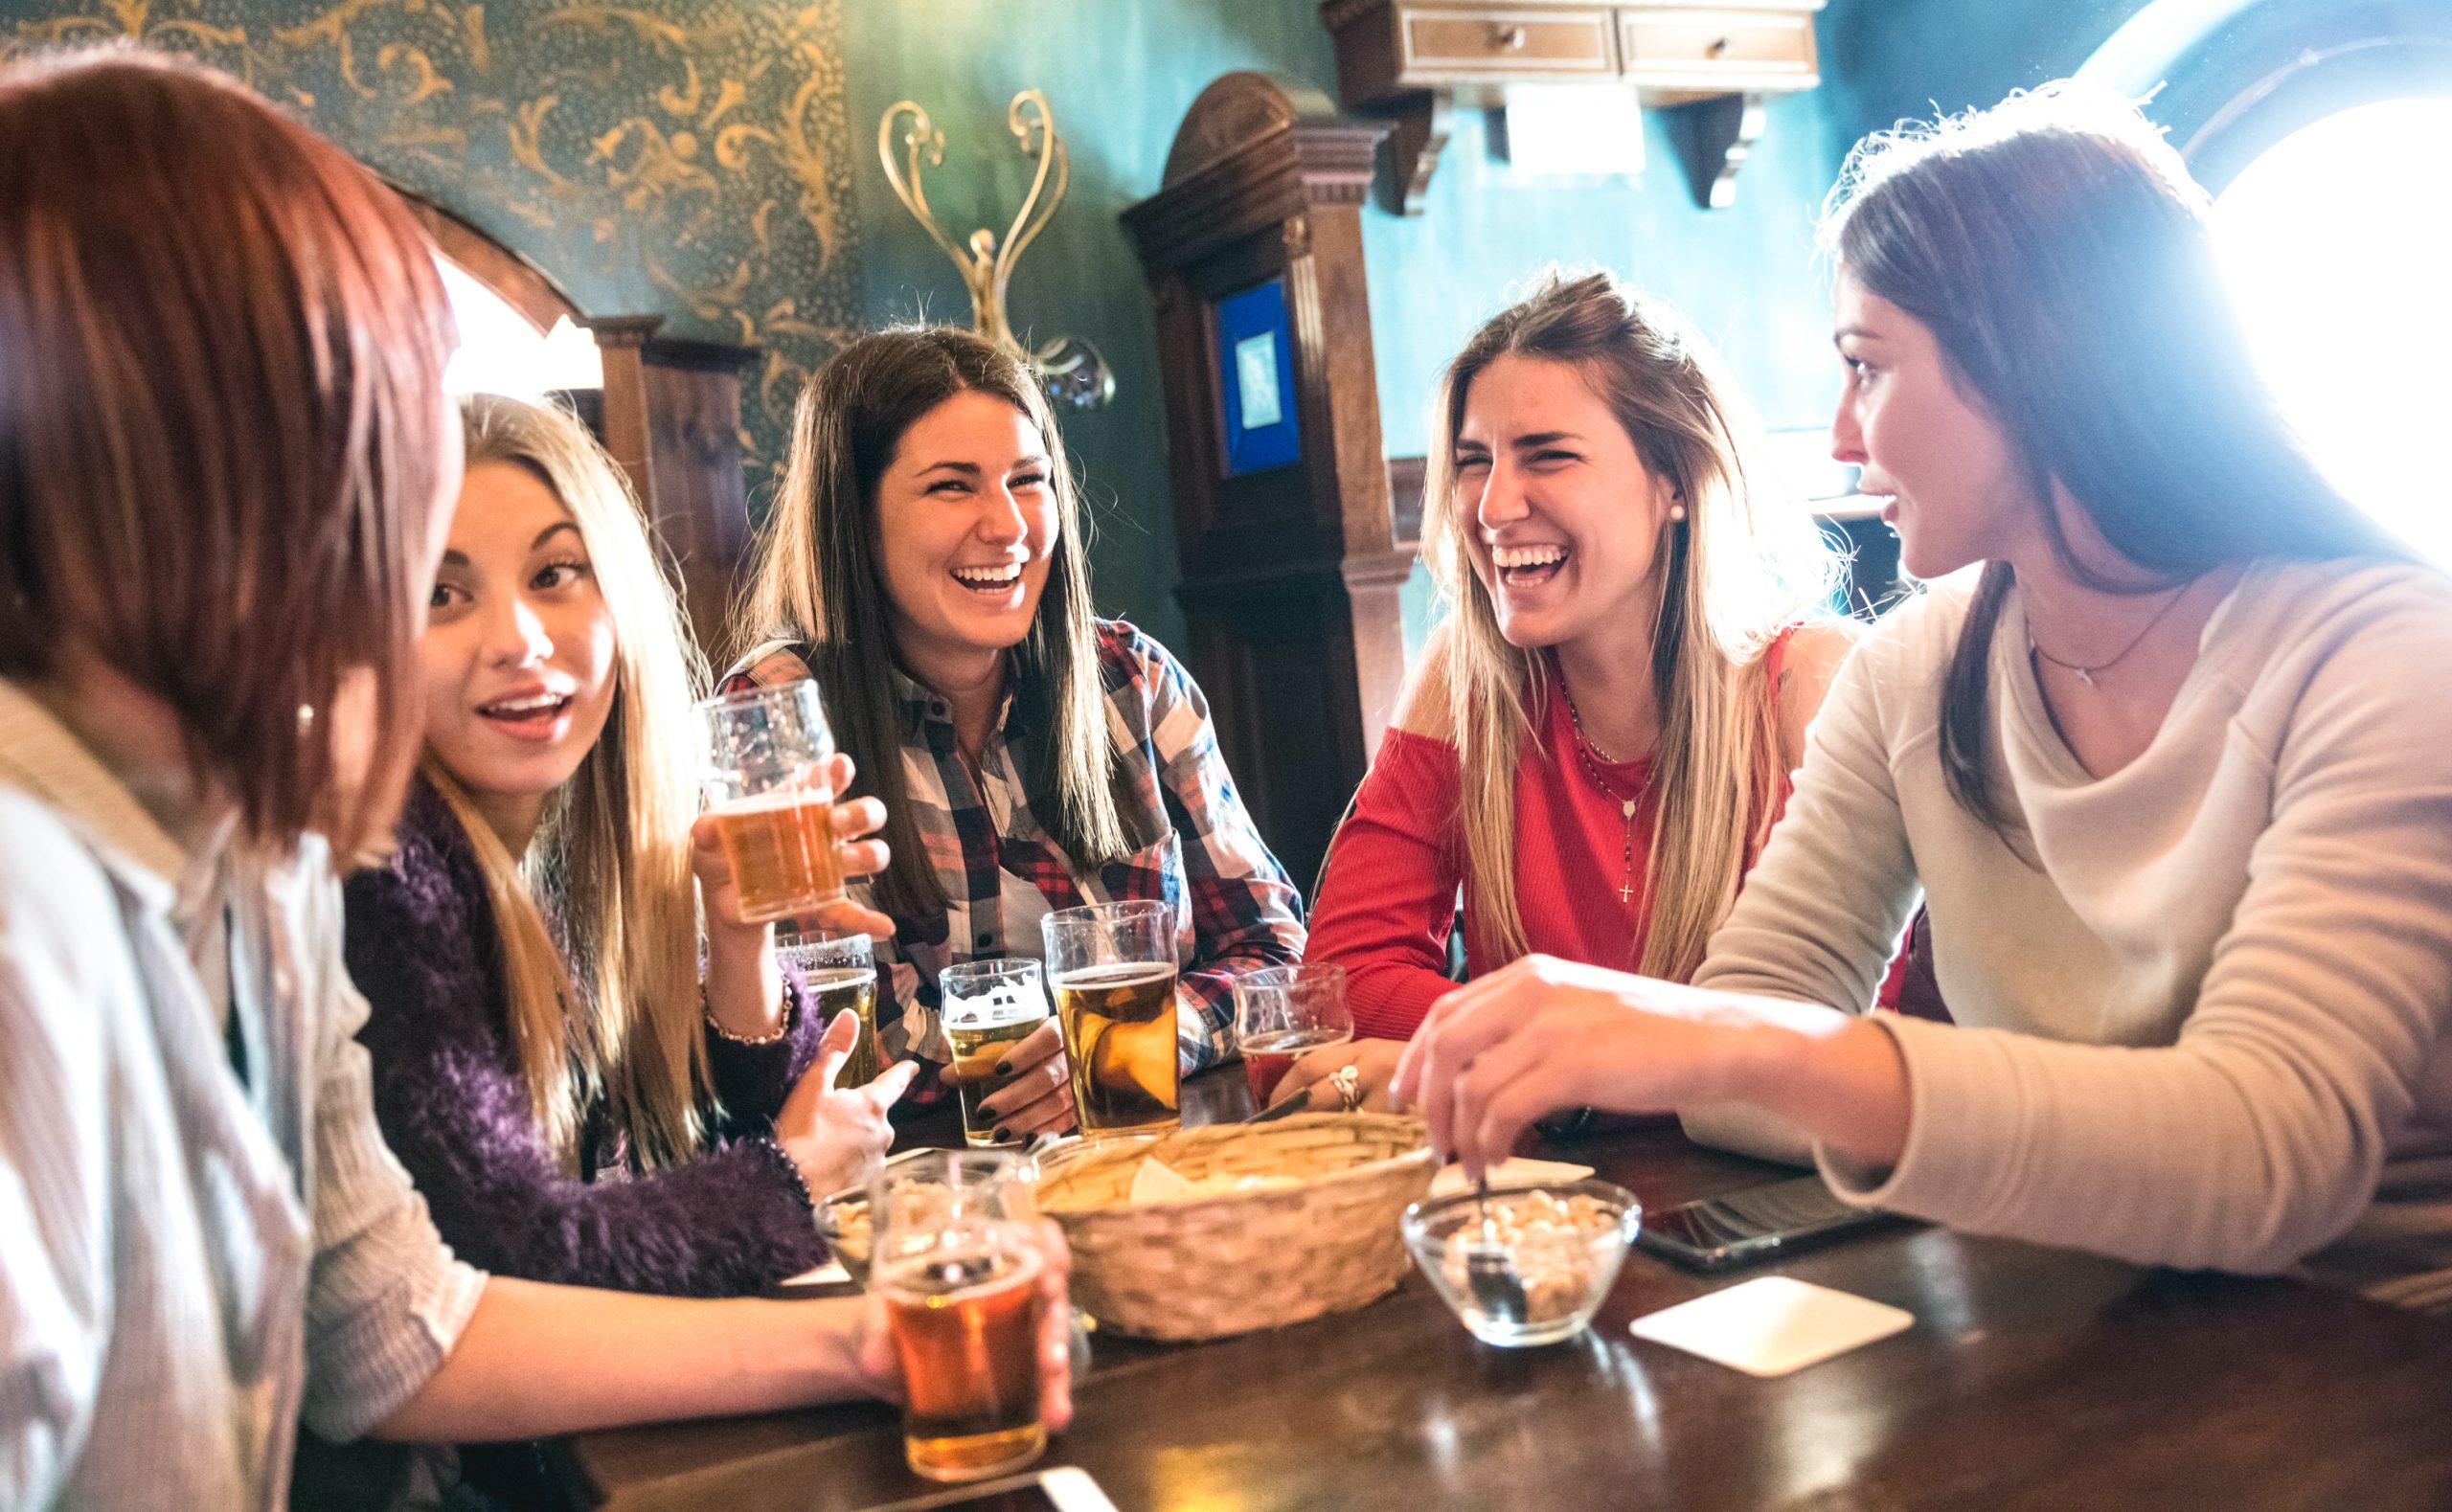 Image of Women Socializing